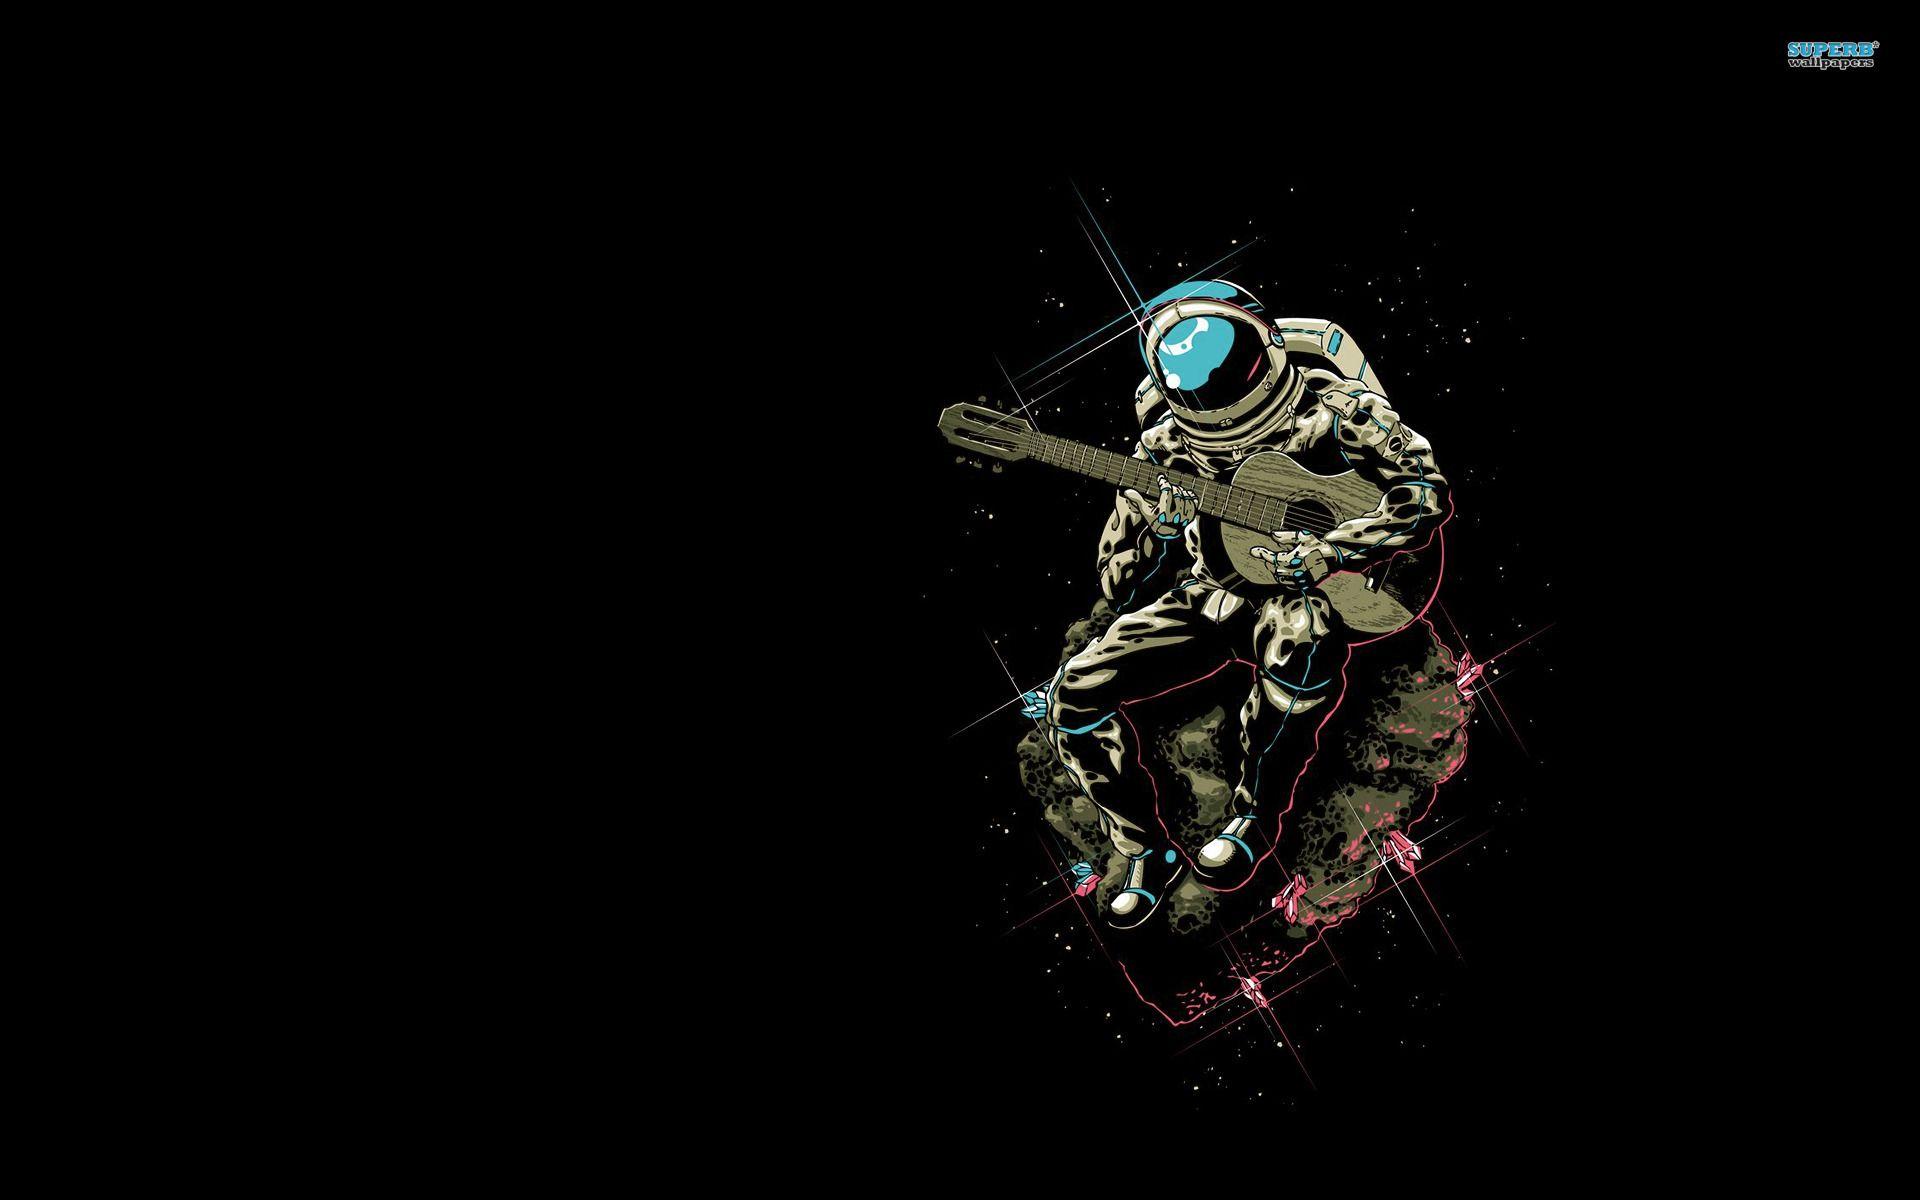 Guitarist astronaut wallpaper Astronaut wallpaper